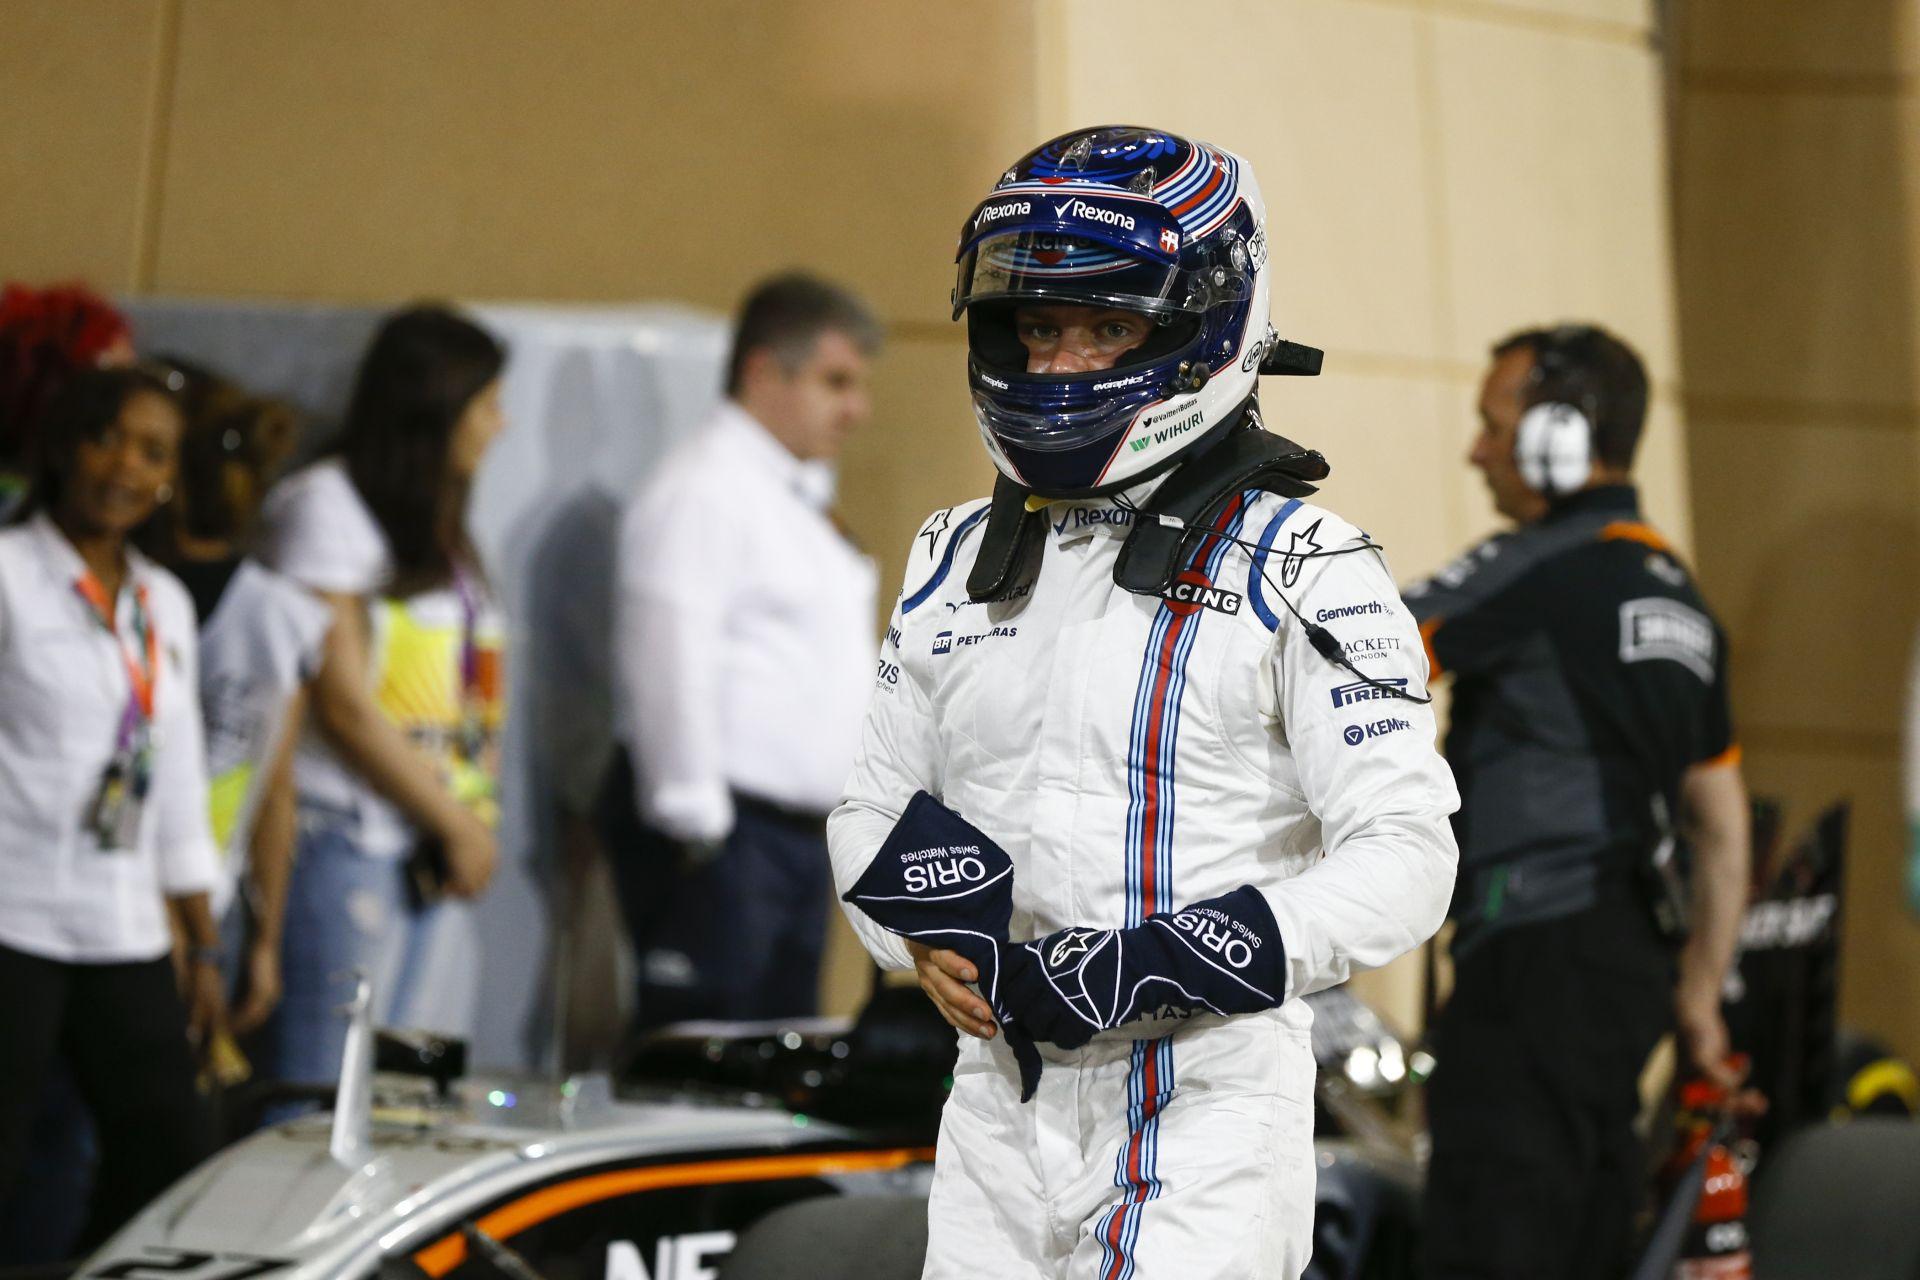 Egy nagy kacsa Bottas előszerződése a Ferrarival?